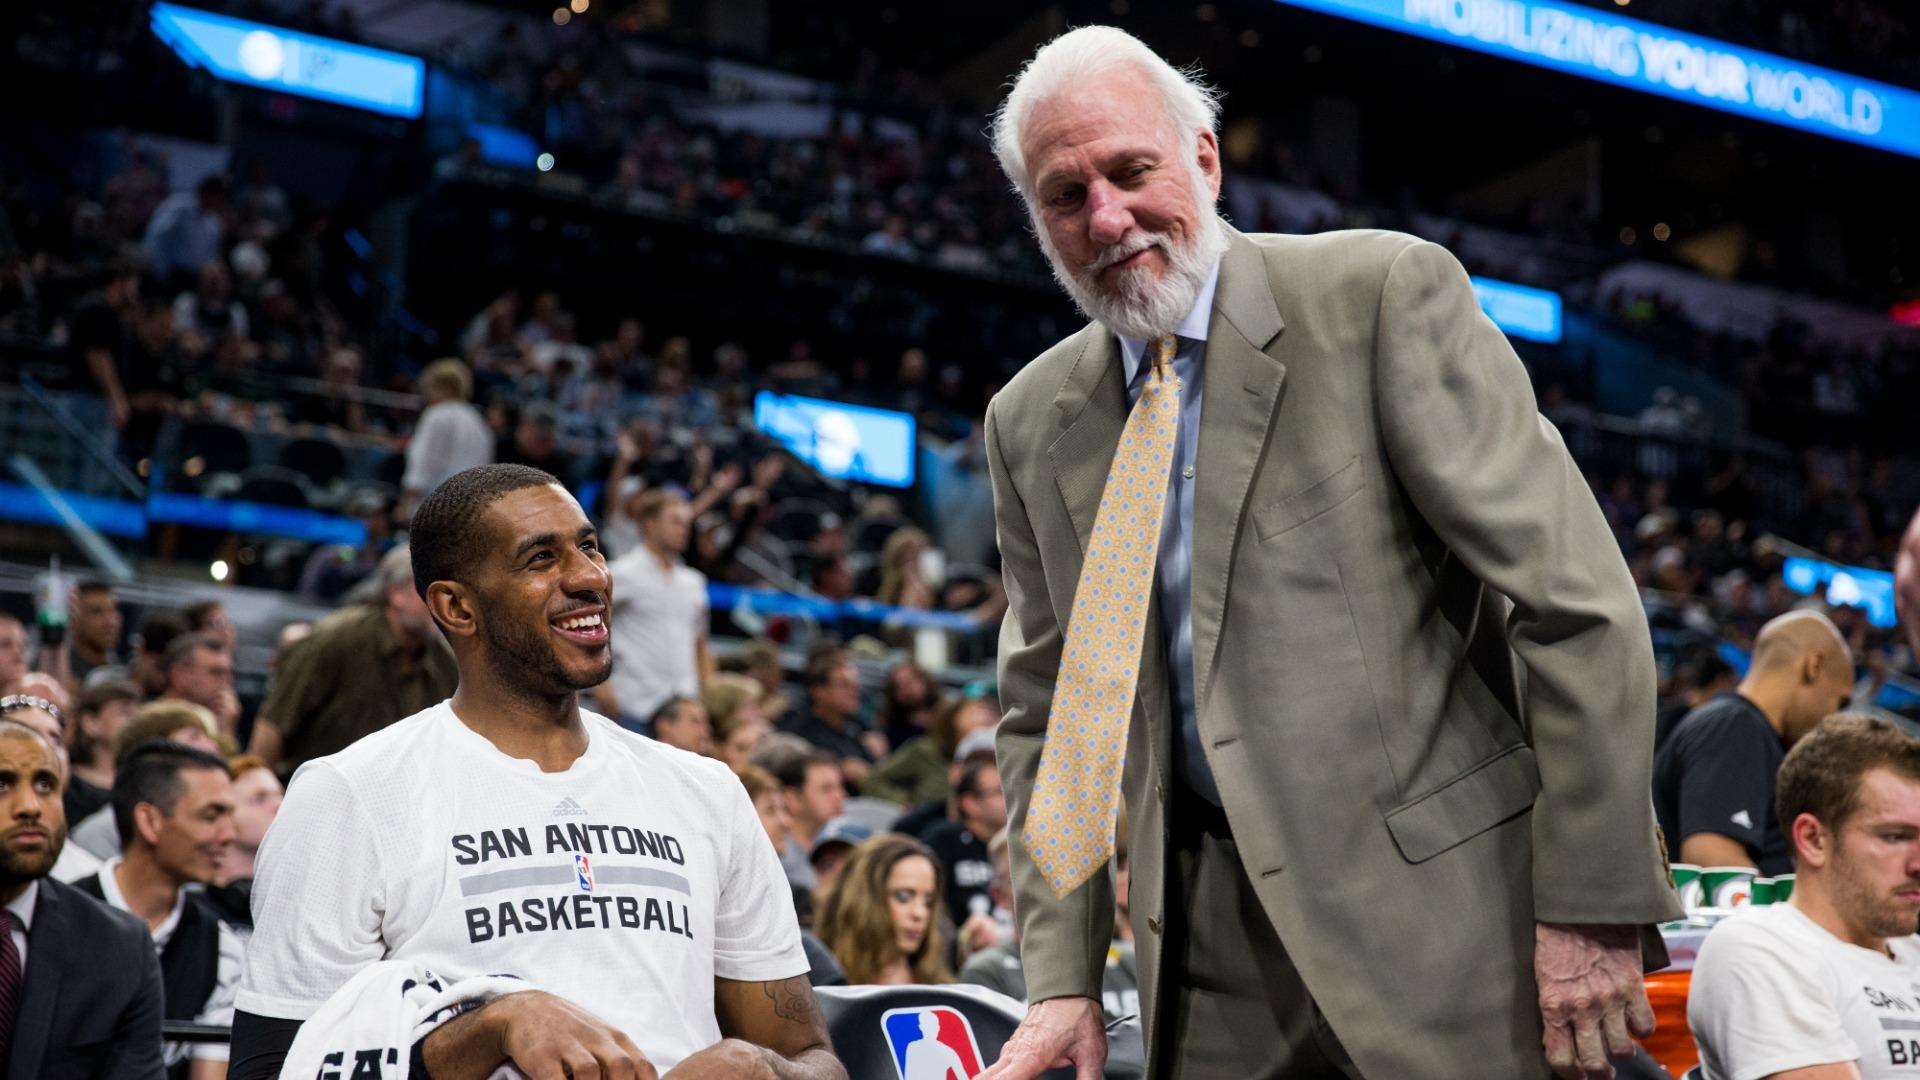 Spurs coach Popovich pays tribute to 'consummate professional' LaMarcus Aldridge